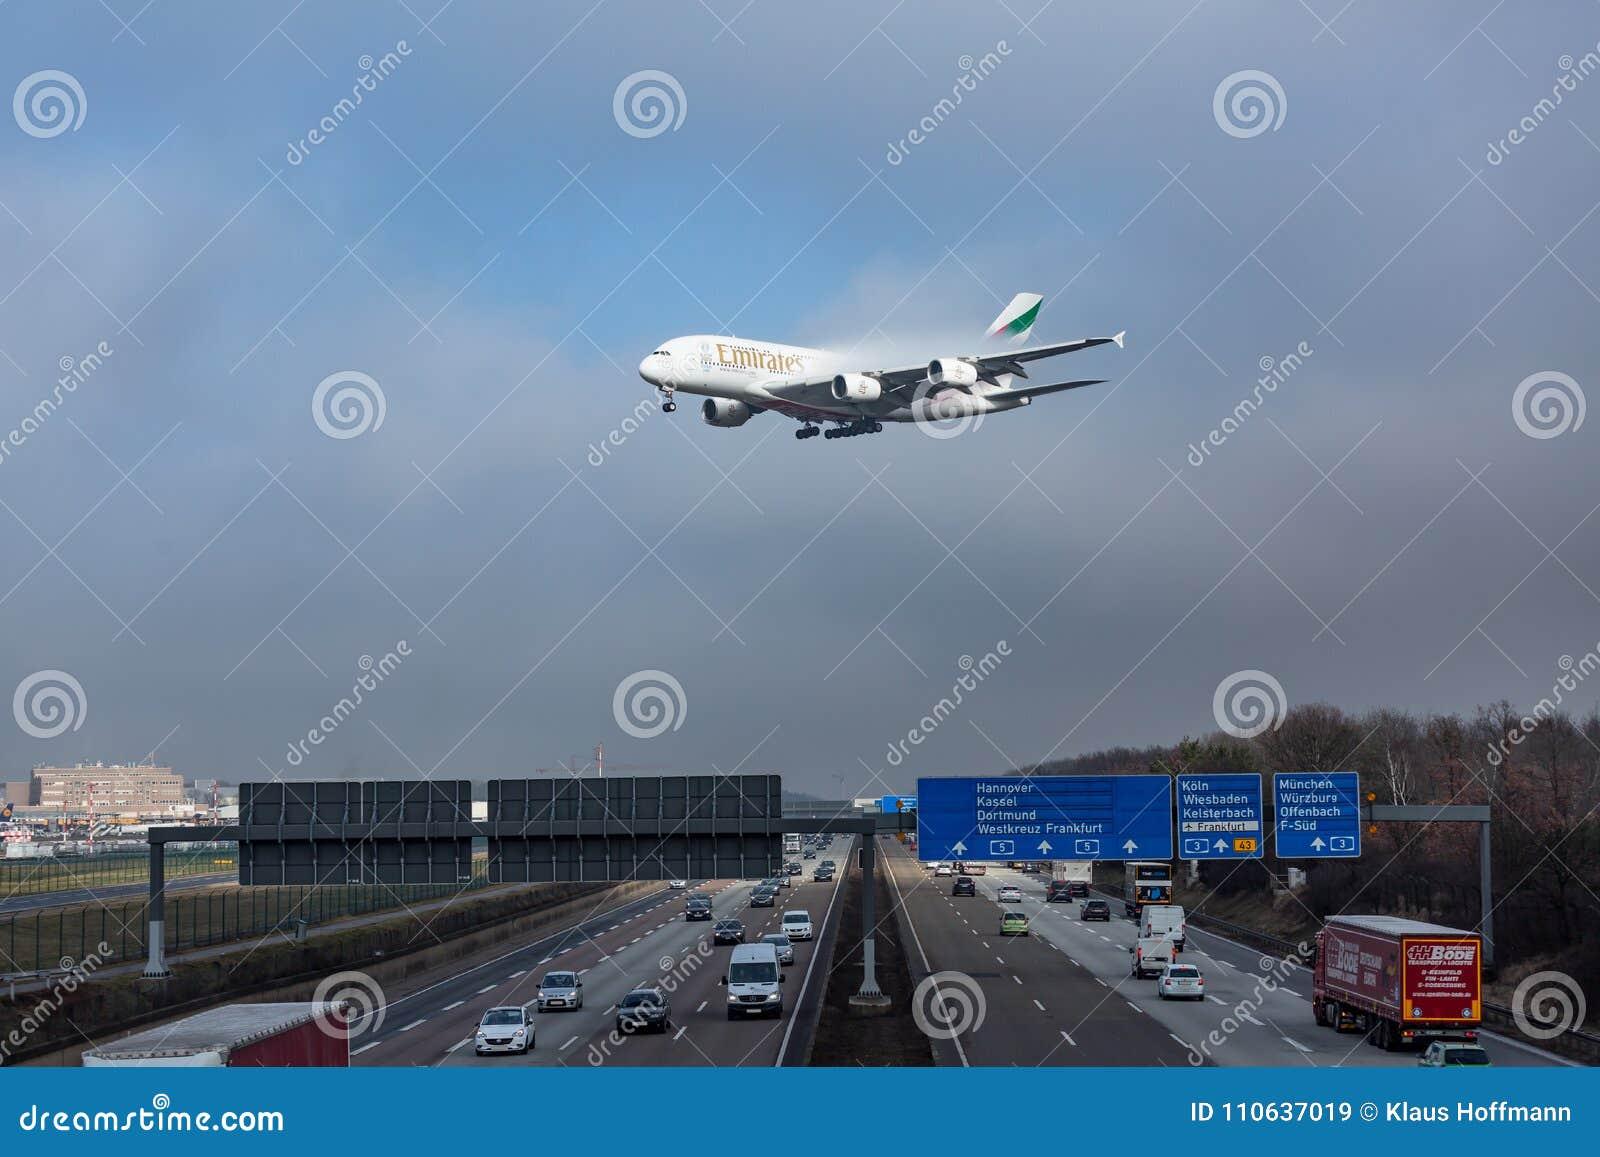 Emirate Airbus A380, der für die Landung in Frankfurt Airpor sich nähert